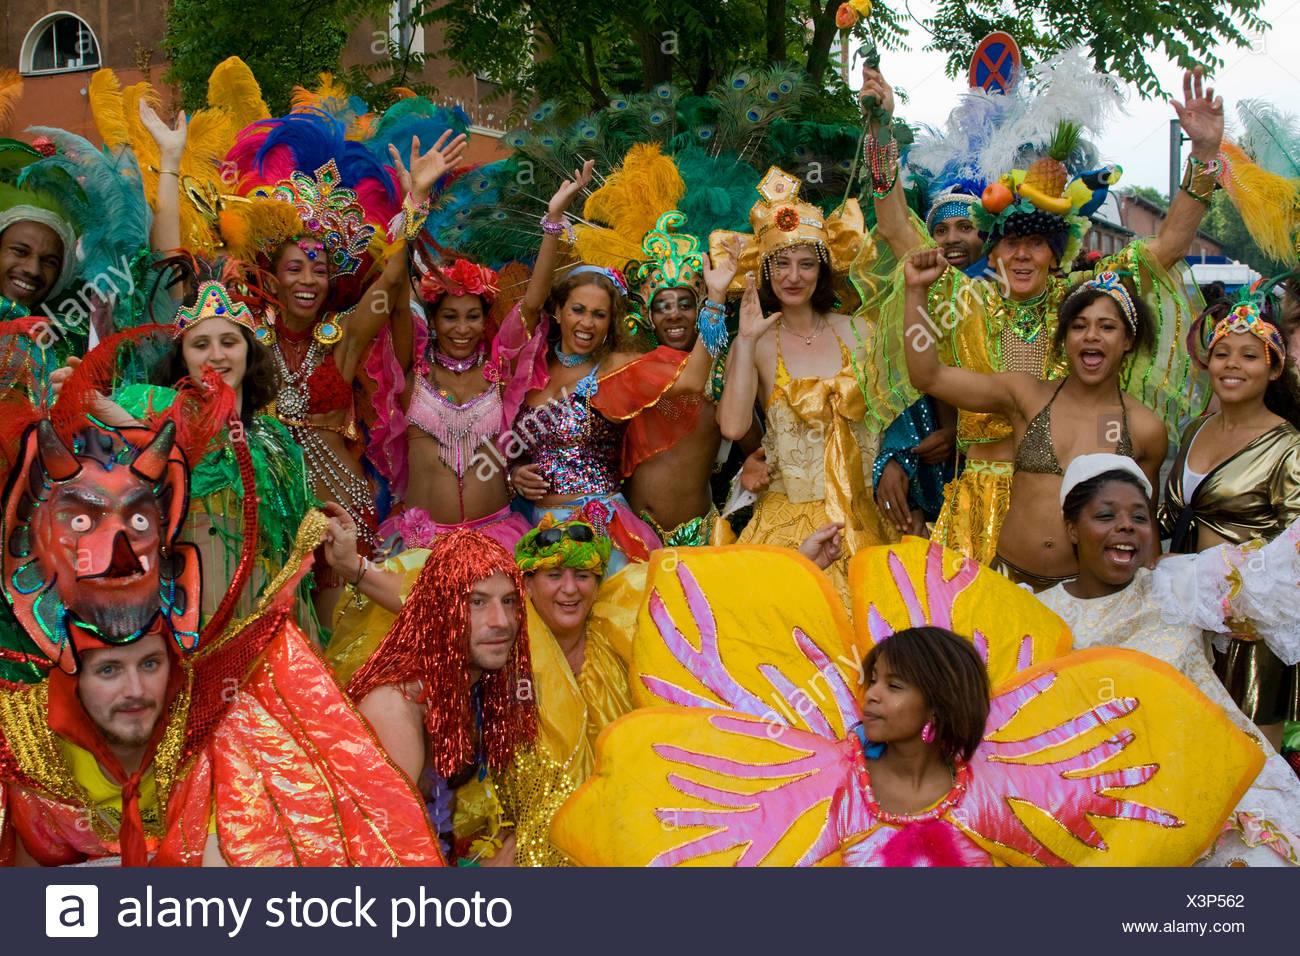 Amasonia group, el Carnaval de las Culturas 2009, Berlín, Alemania, Europa Imagen De Stock